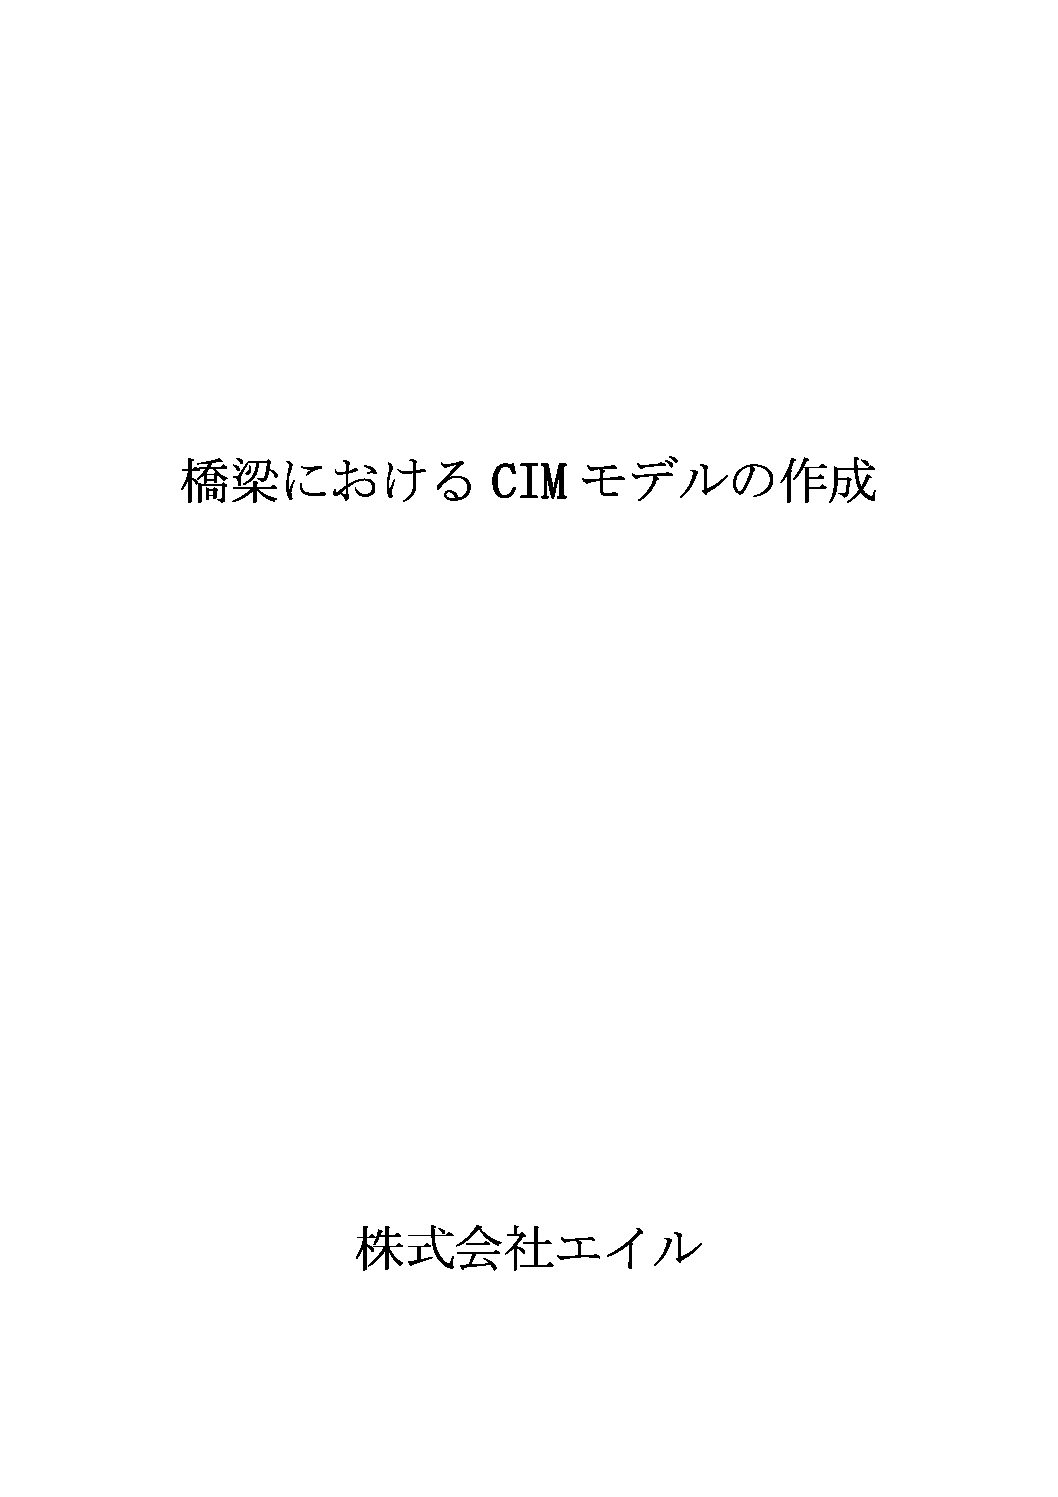 CIM-model-1